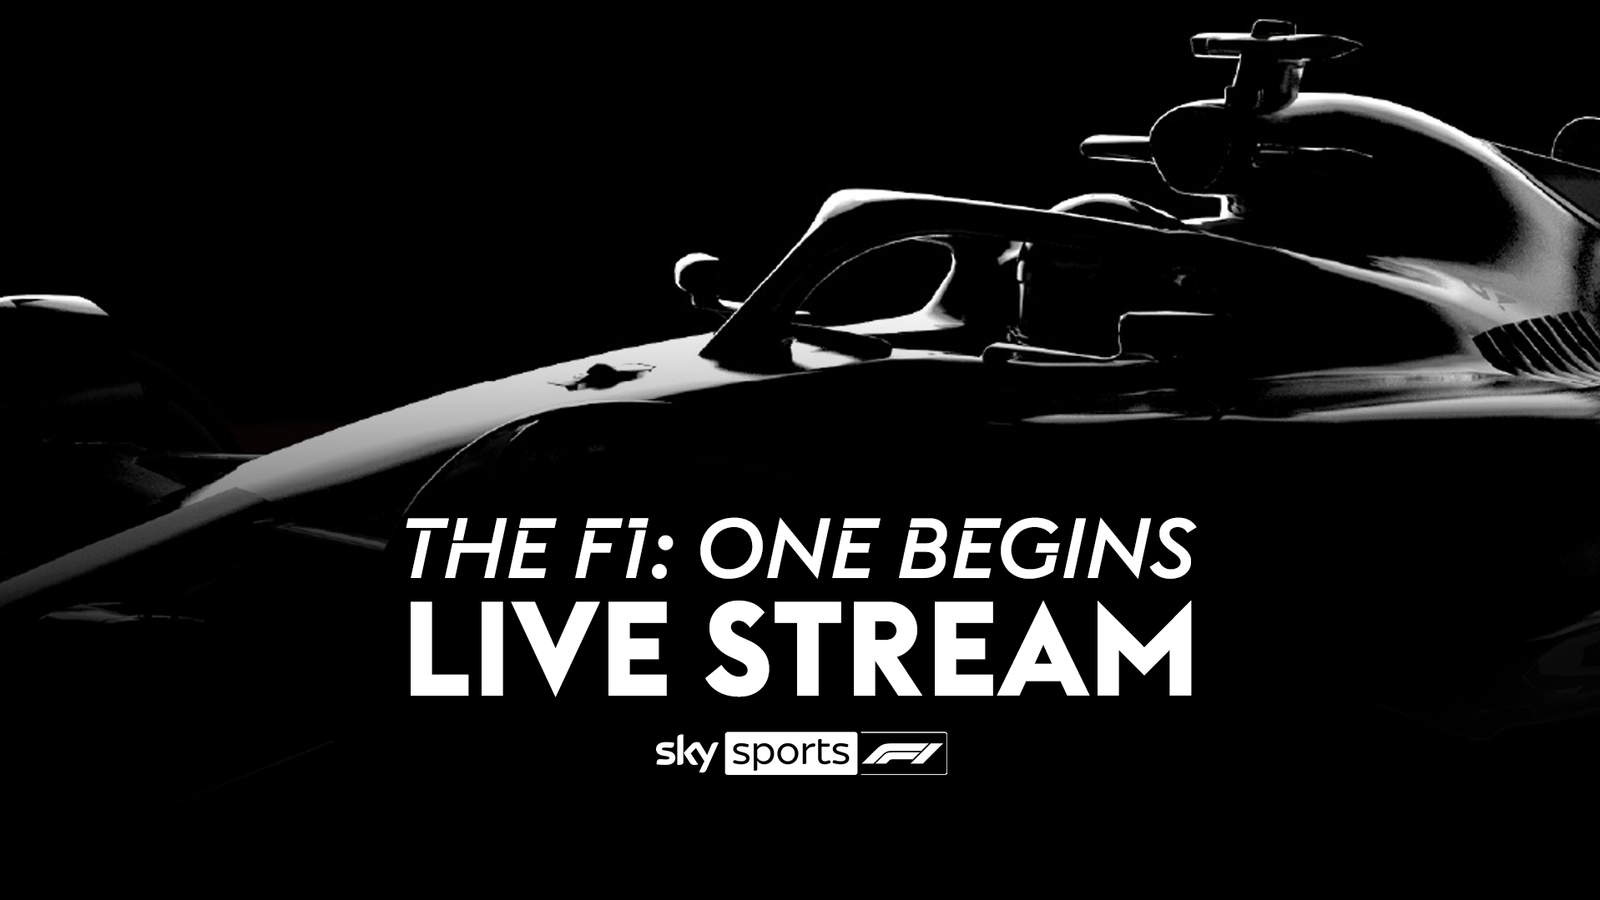 skysports-f1-2022-car-stream_5447842.png